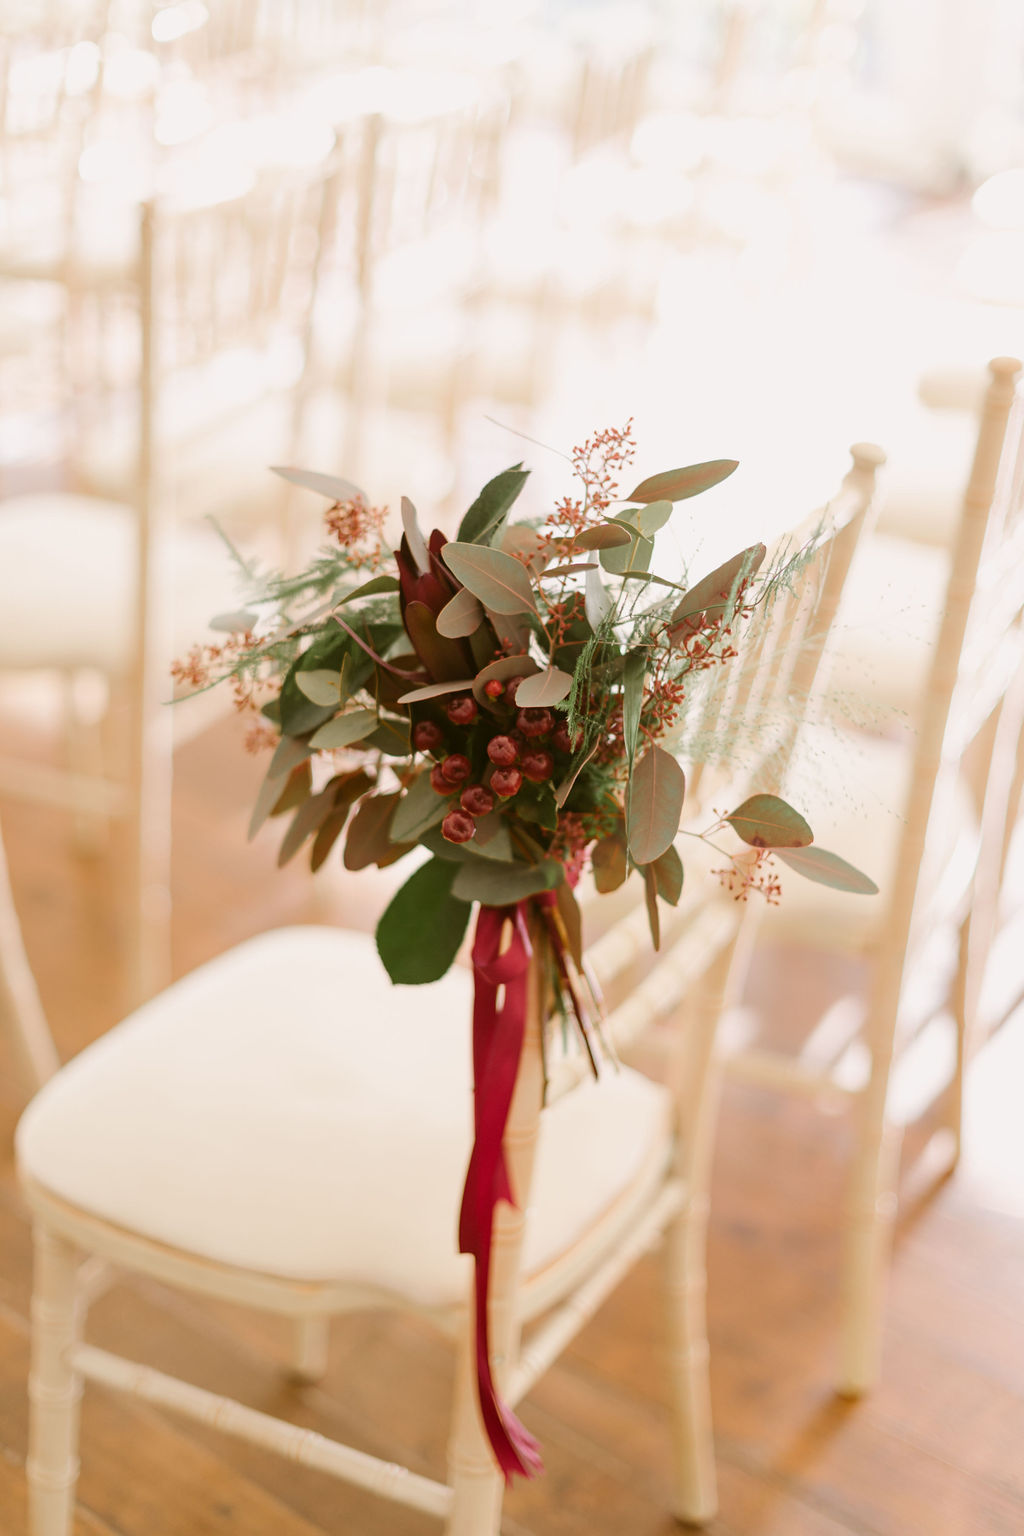 Flower Vogue Aberdeen Wedding Flowers in burgundy